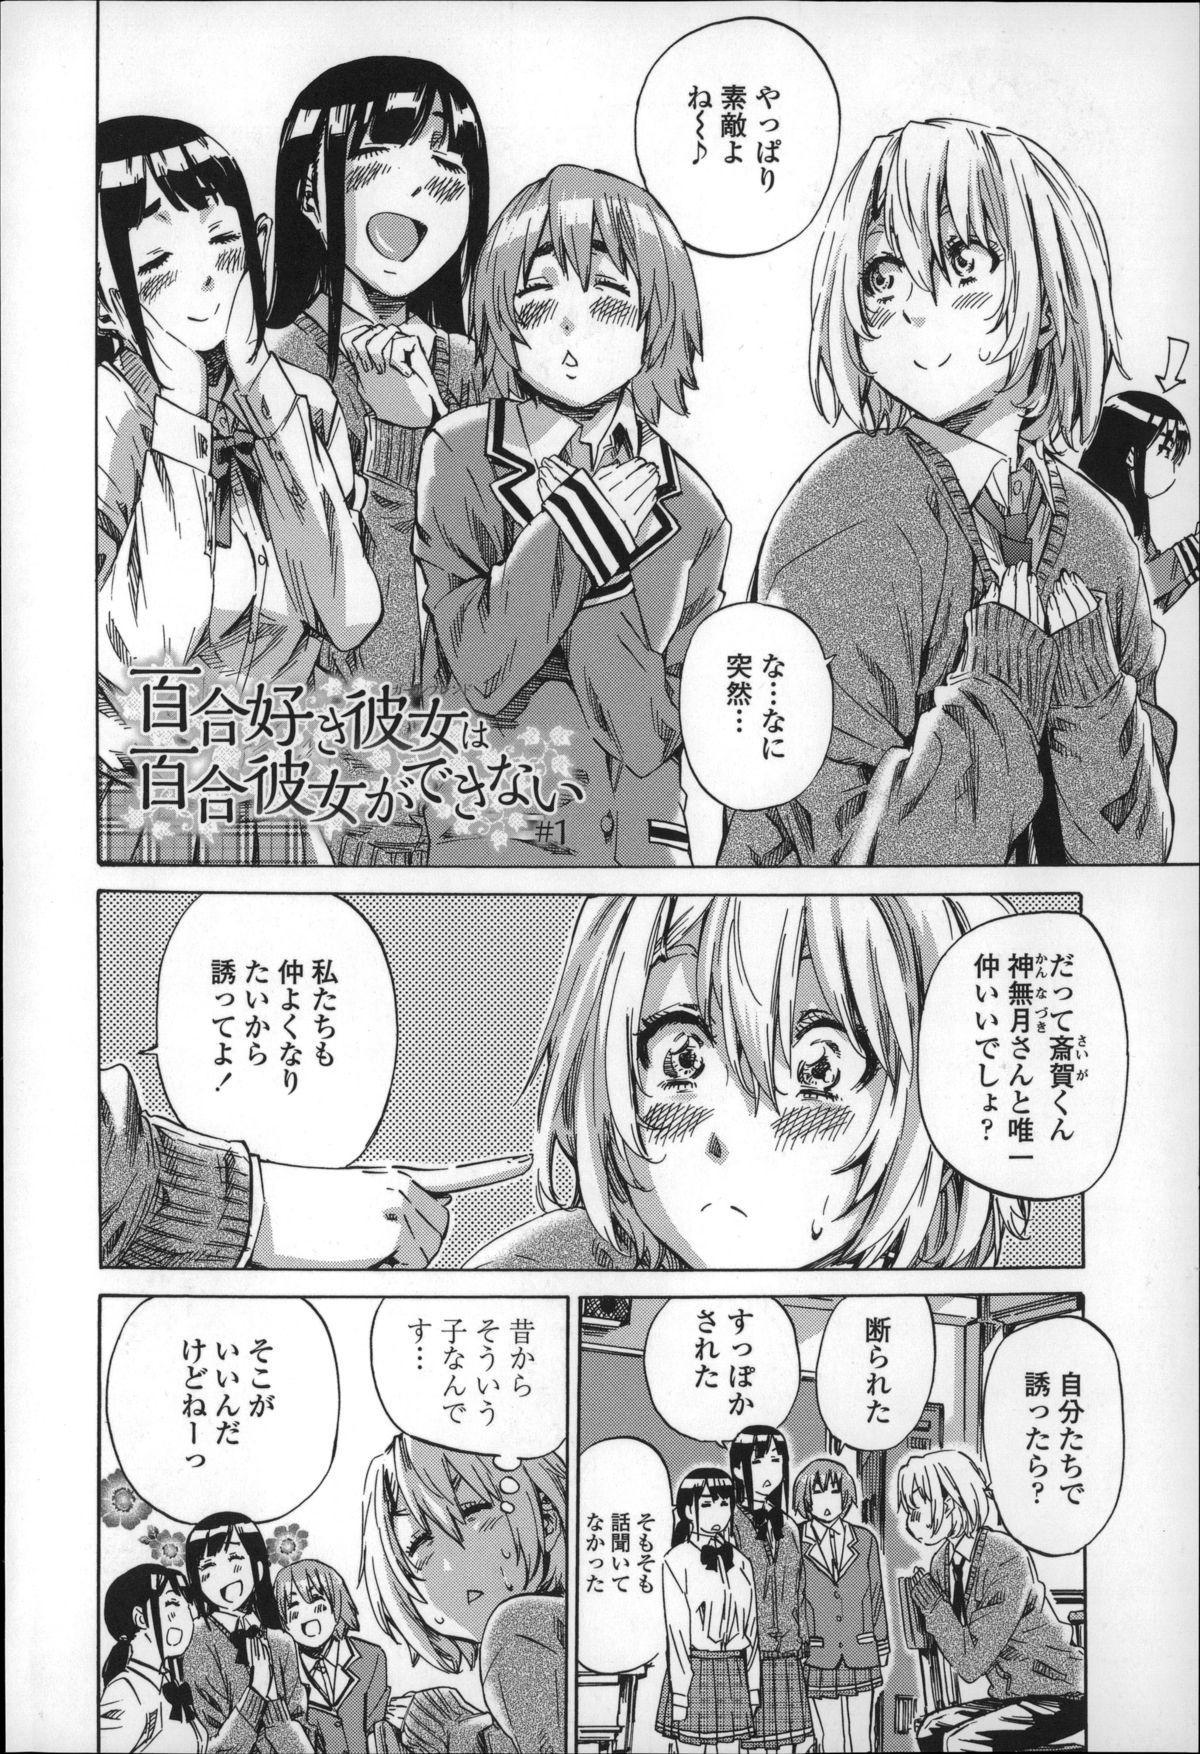 Choushin de Mukuchi no Kanojo ga Hatsujou Shite Kitara Eroiyo ne? 7